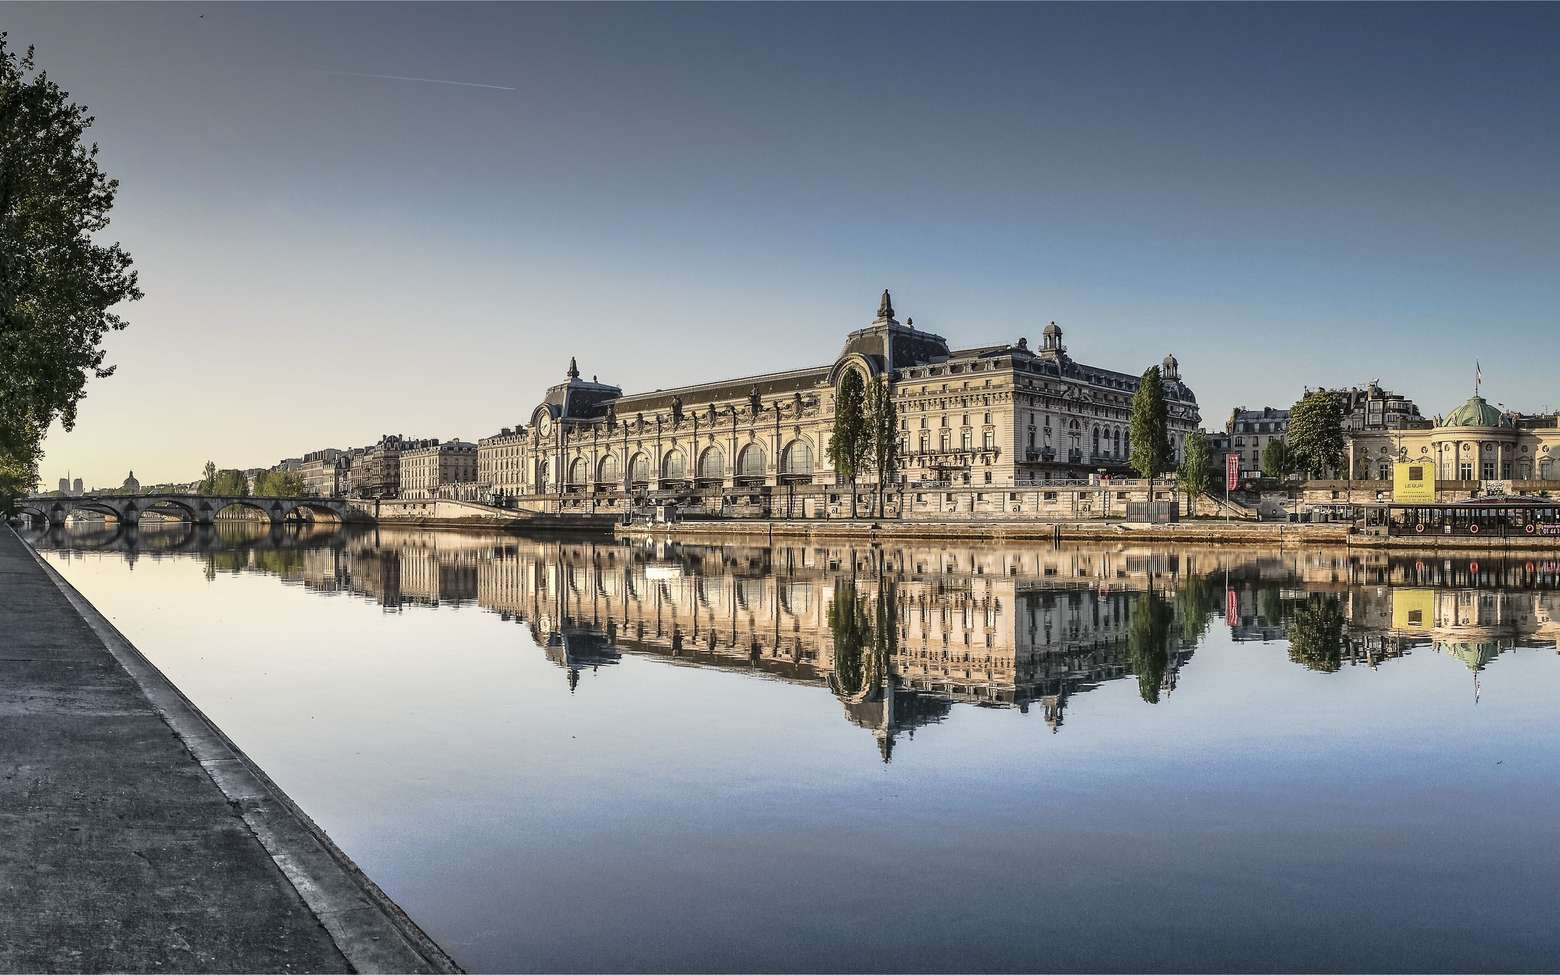 Le musée d'Orsay à Paris vu depuis la Seine. © 120bpm, fotolia